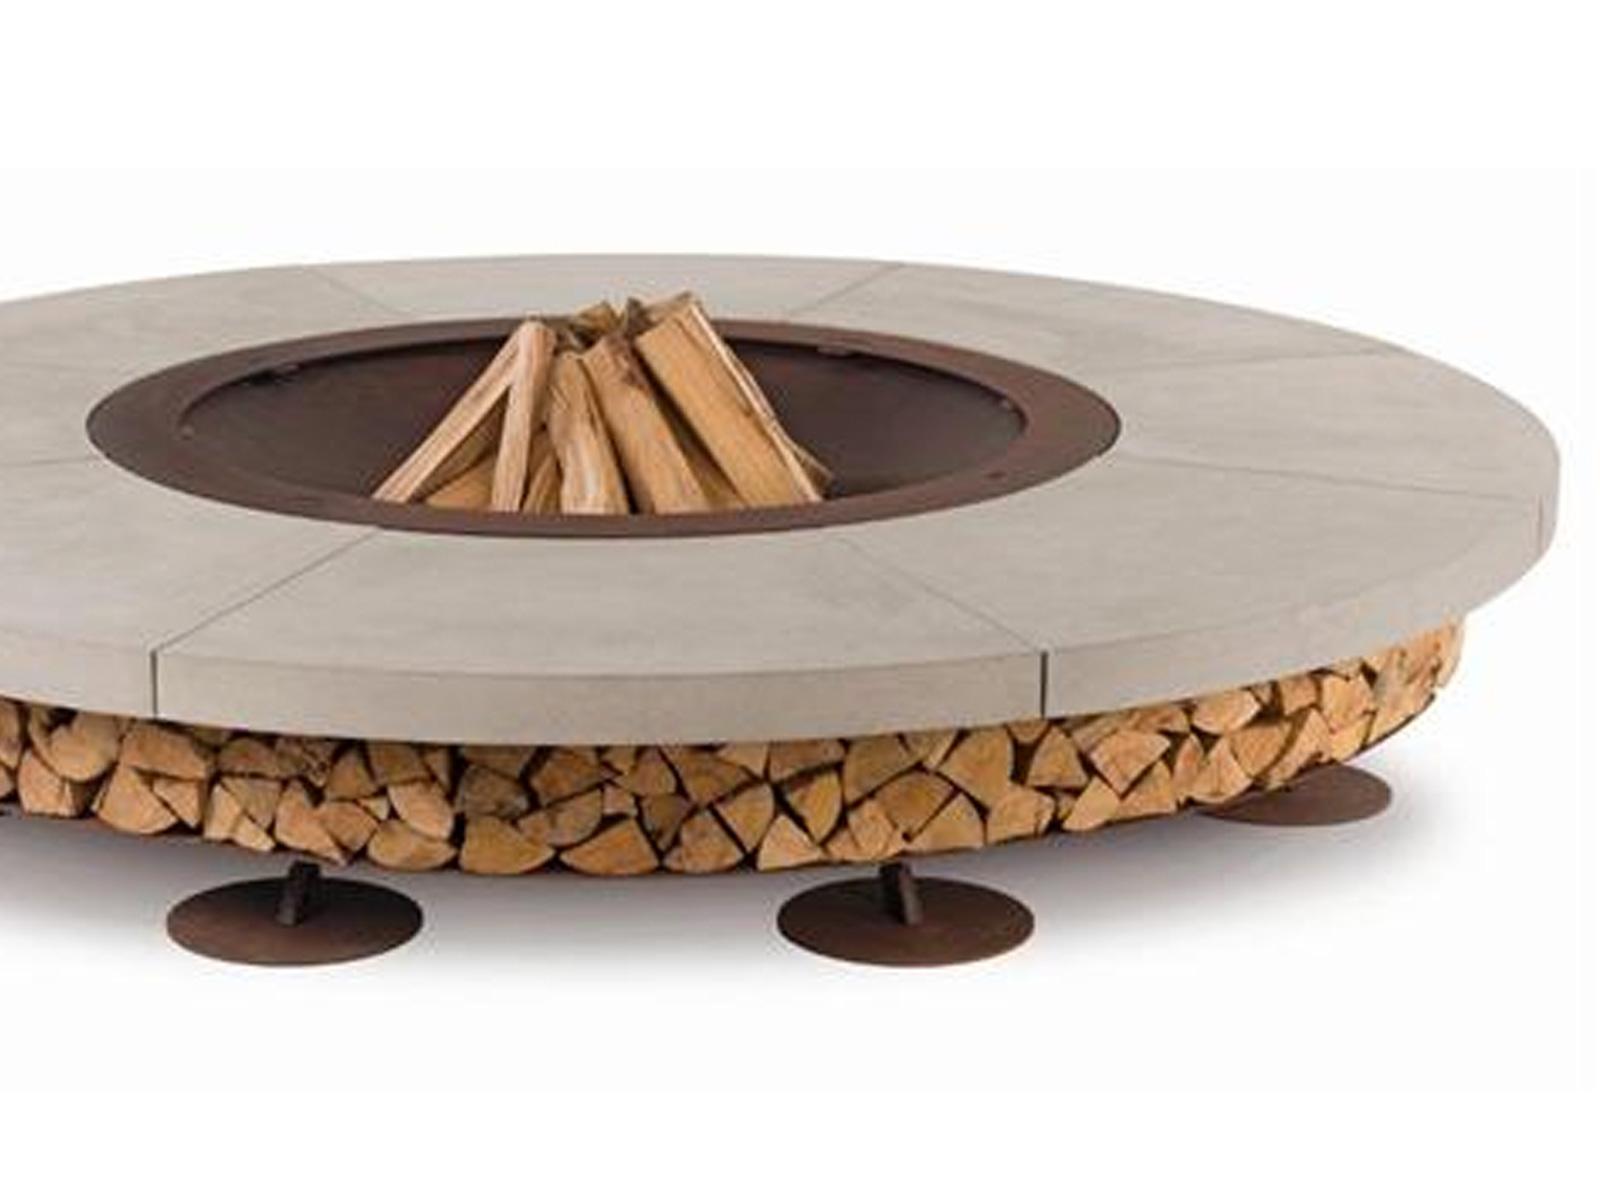 Desire for fire verscheidene mooie manieren om hout op te slaan - Cortenstaal fabrikant ...